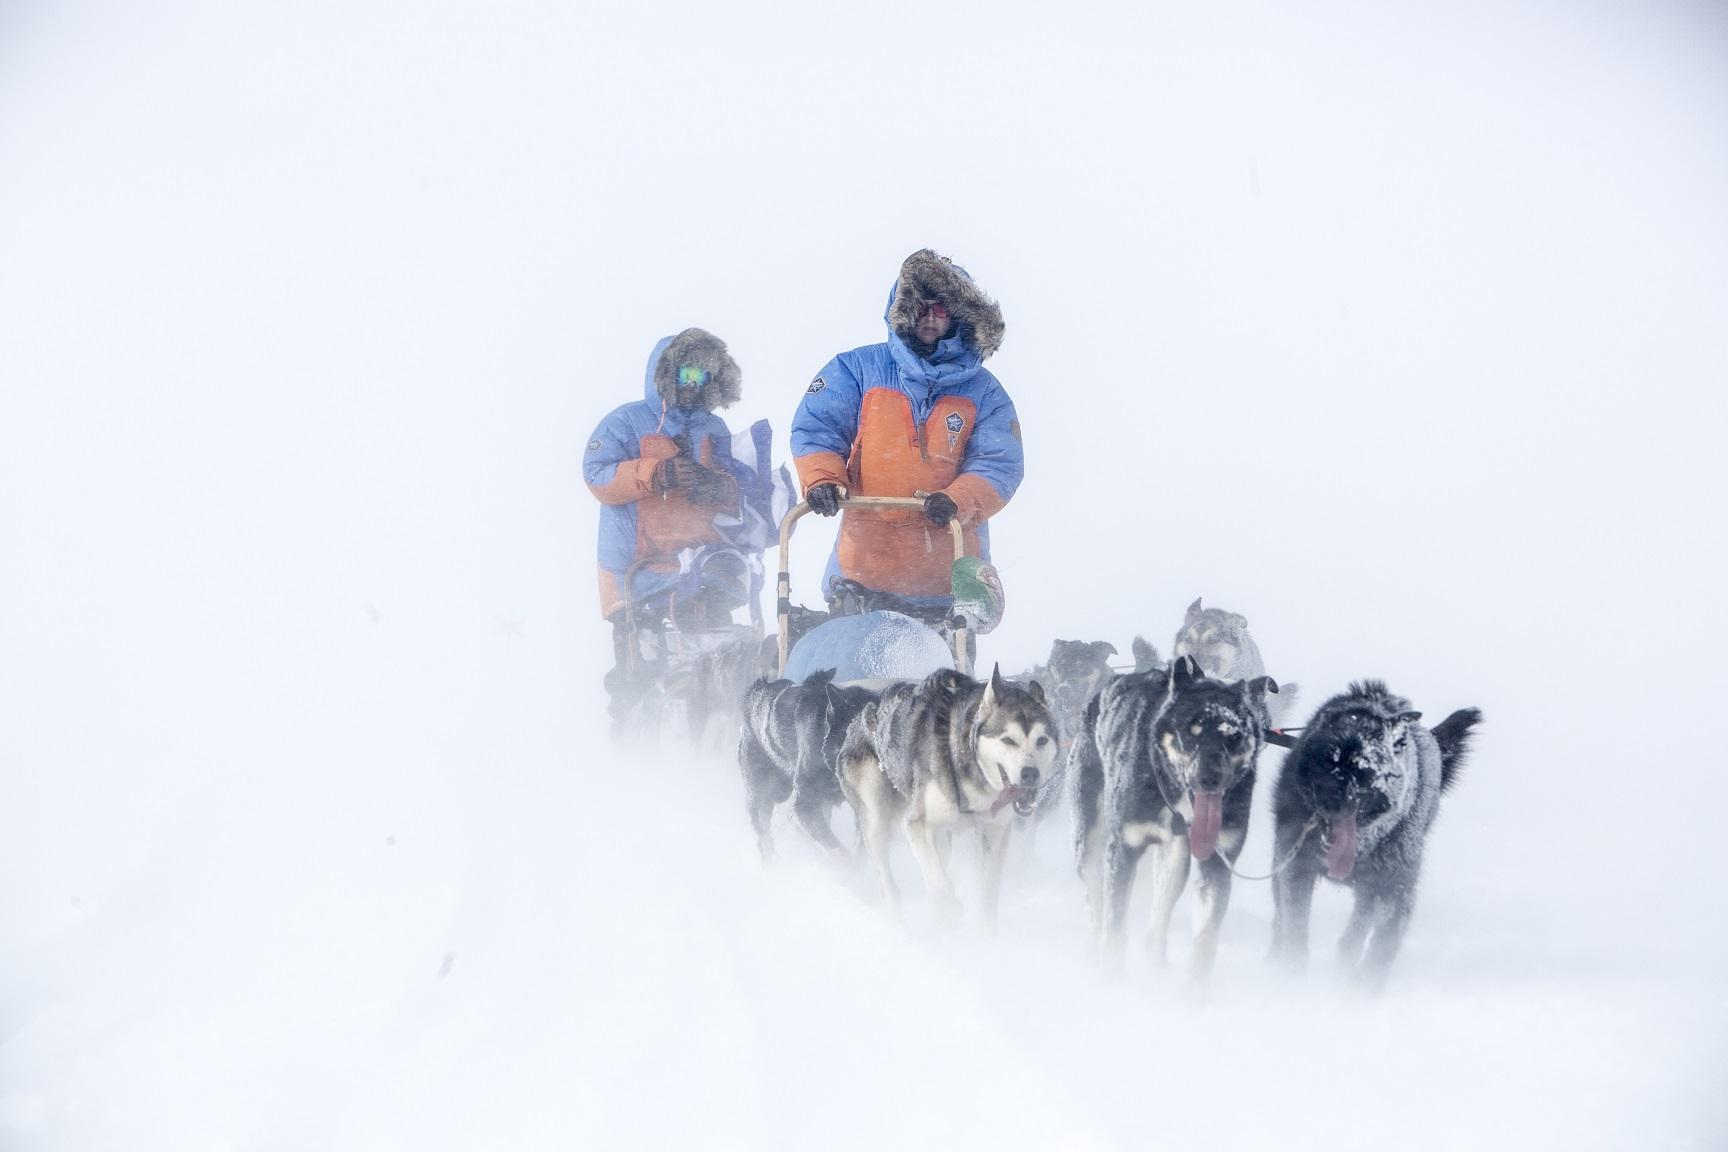 Két magyar is nekivágott a fagyos kutyaszános túrának